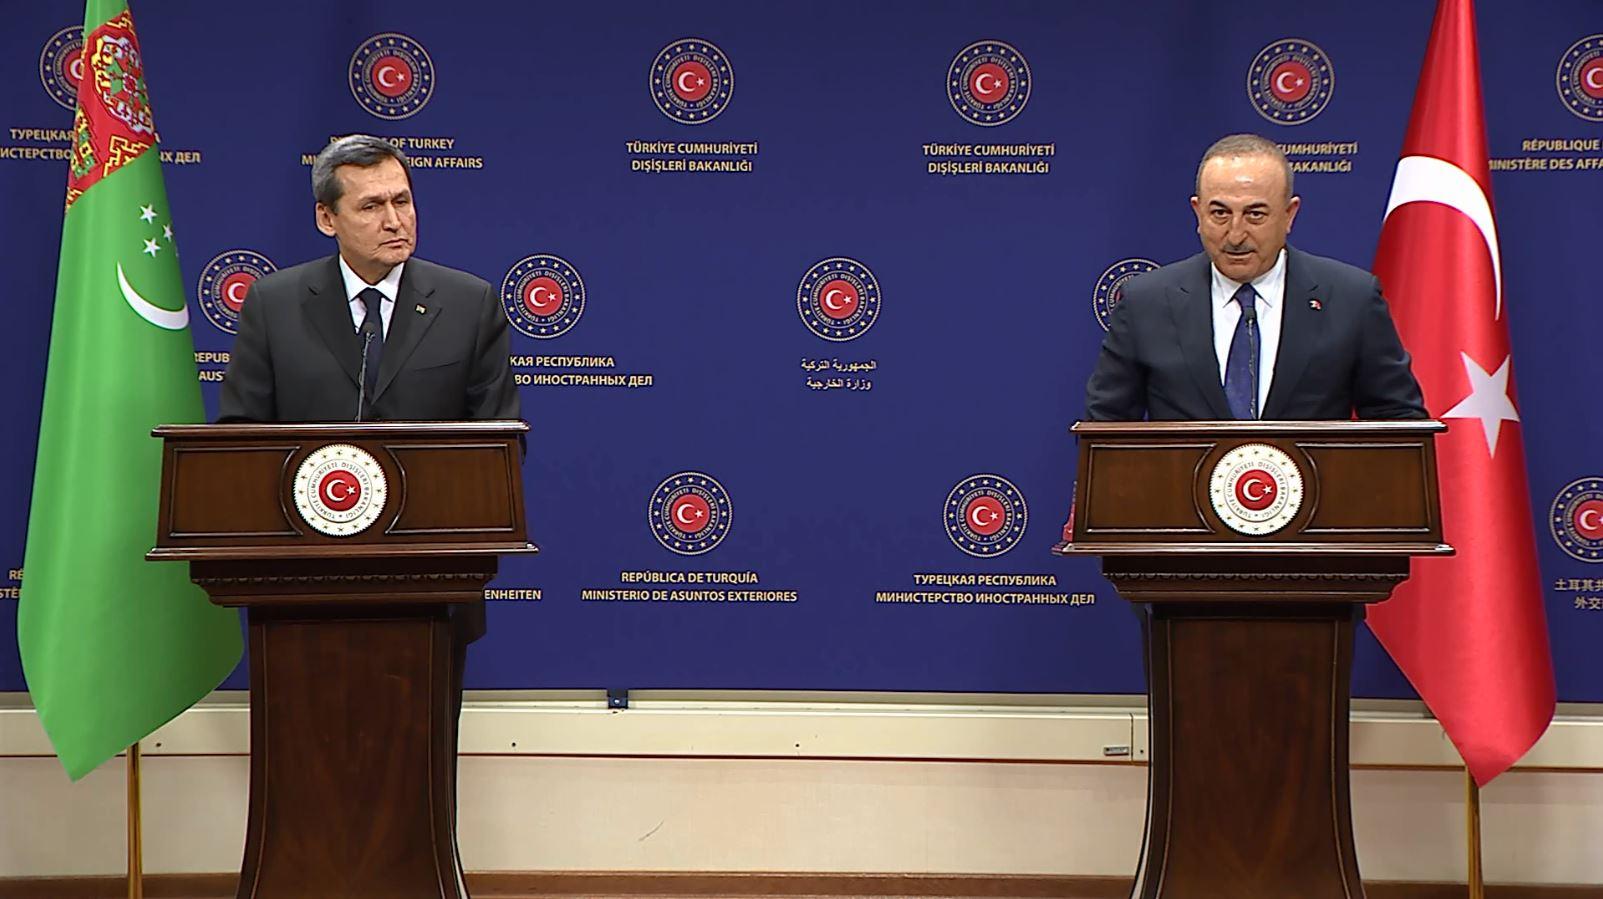 Photo of Չավուշօղլու. «Պատրաստ ենք անել ամեն հնարավորը՝ թուրքմենական գազը Թուրքիայի տարածքով Եվրոպա հասցնելու համար»